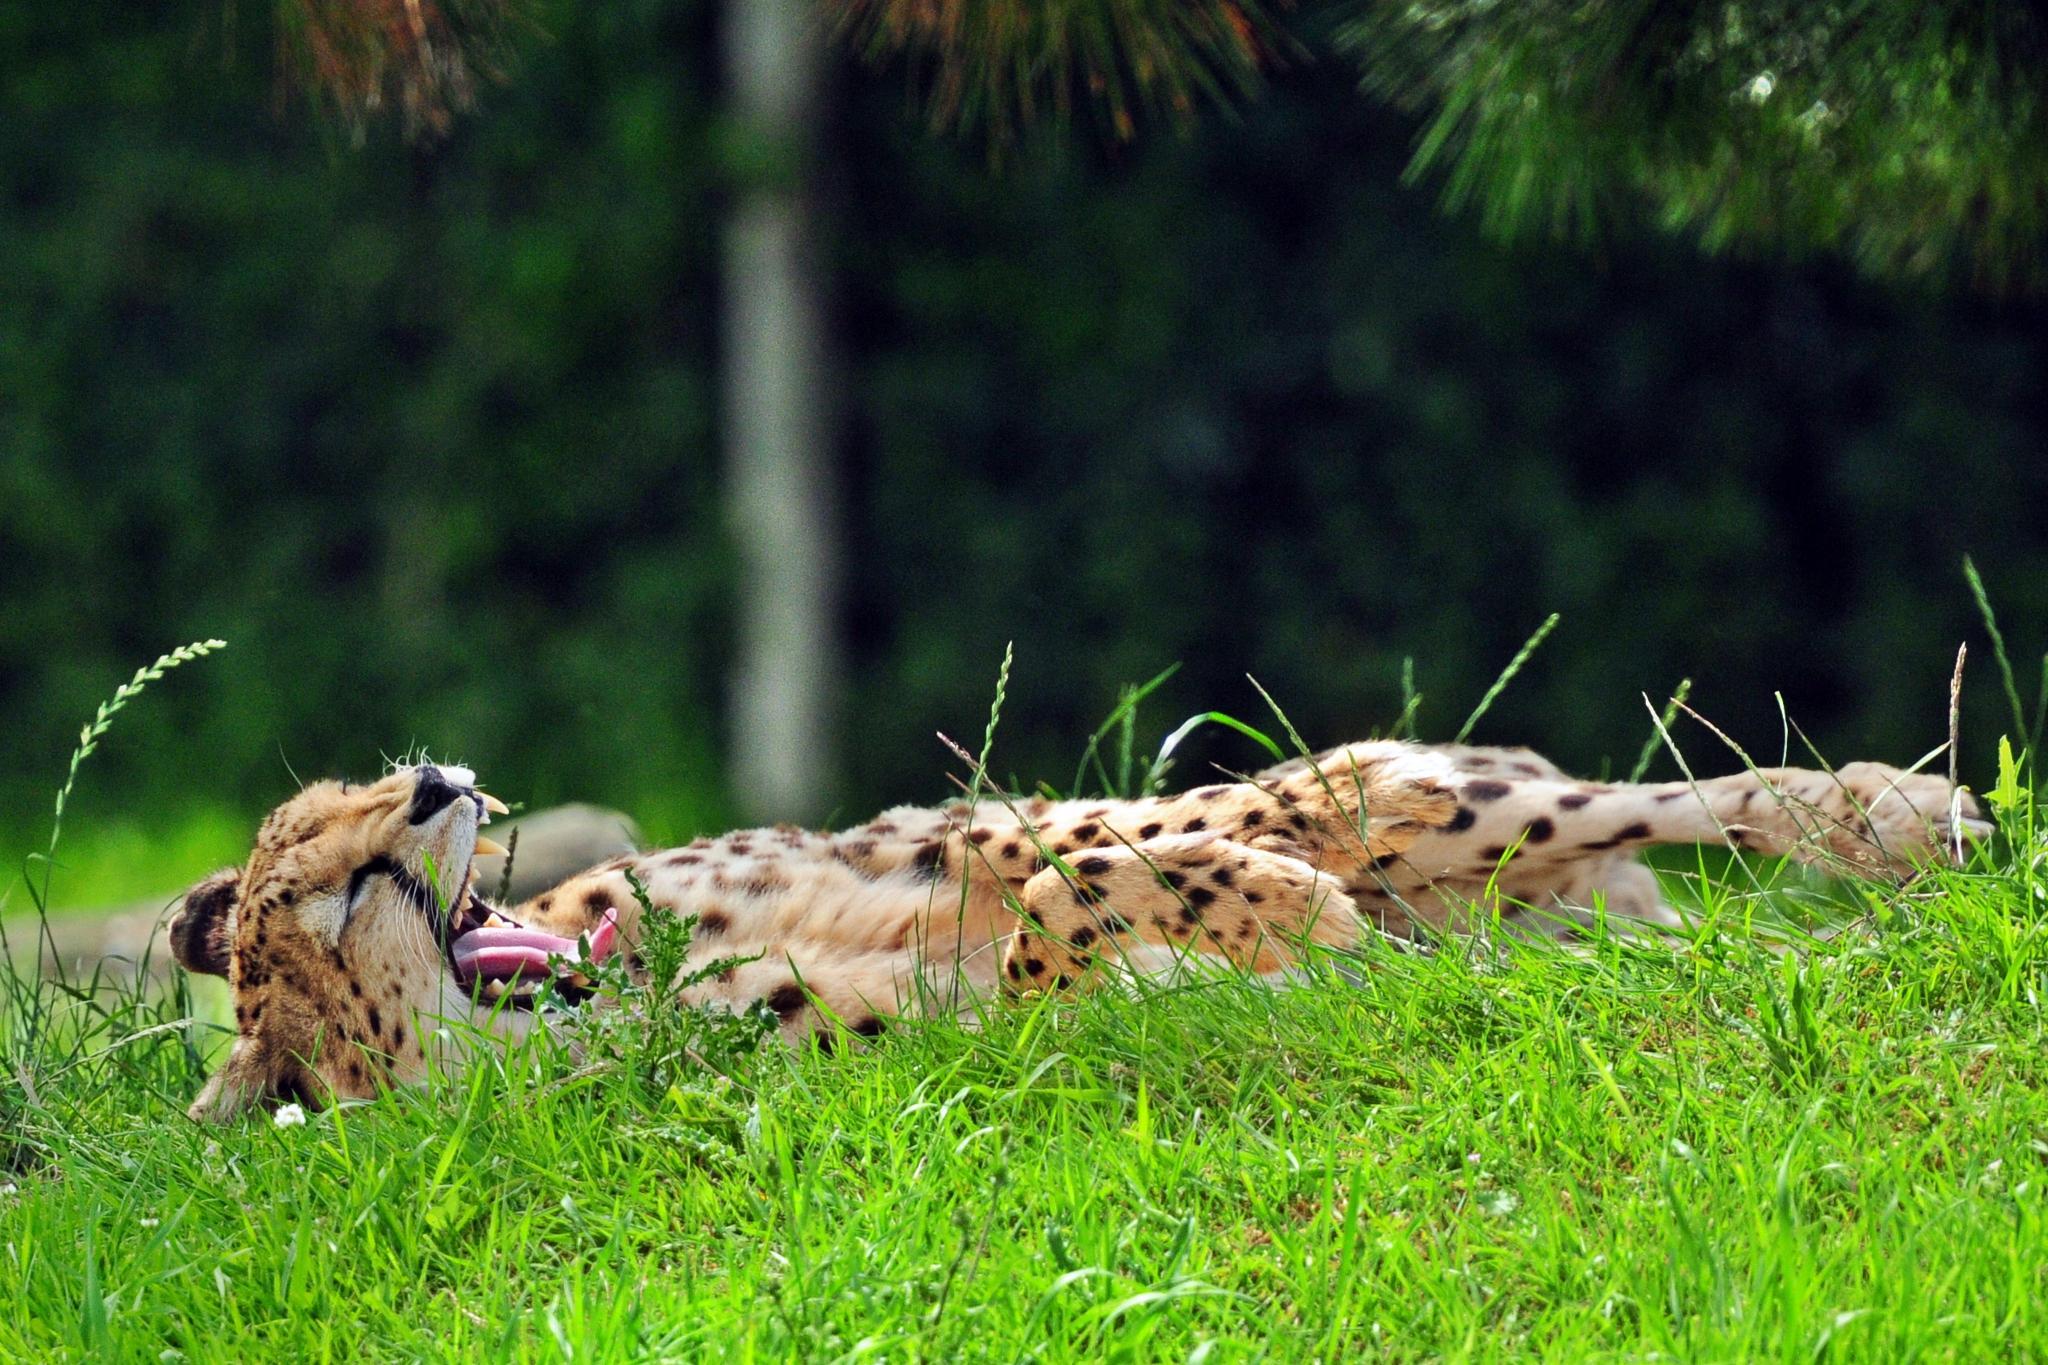 Cheeta by henkschneider